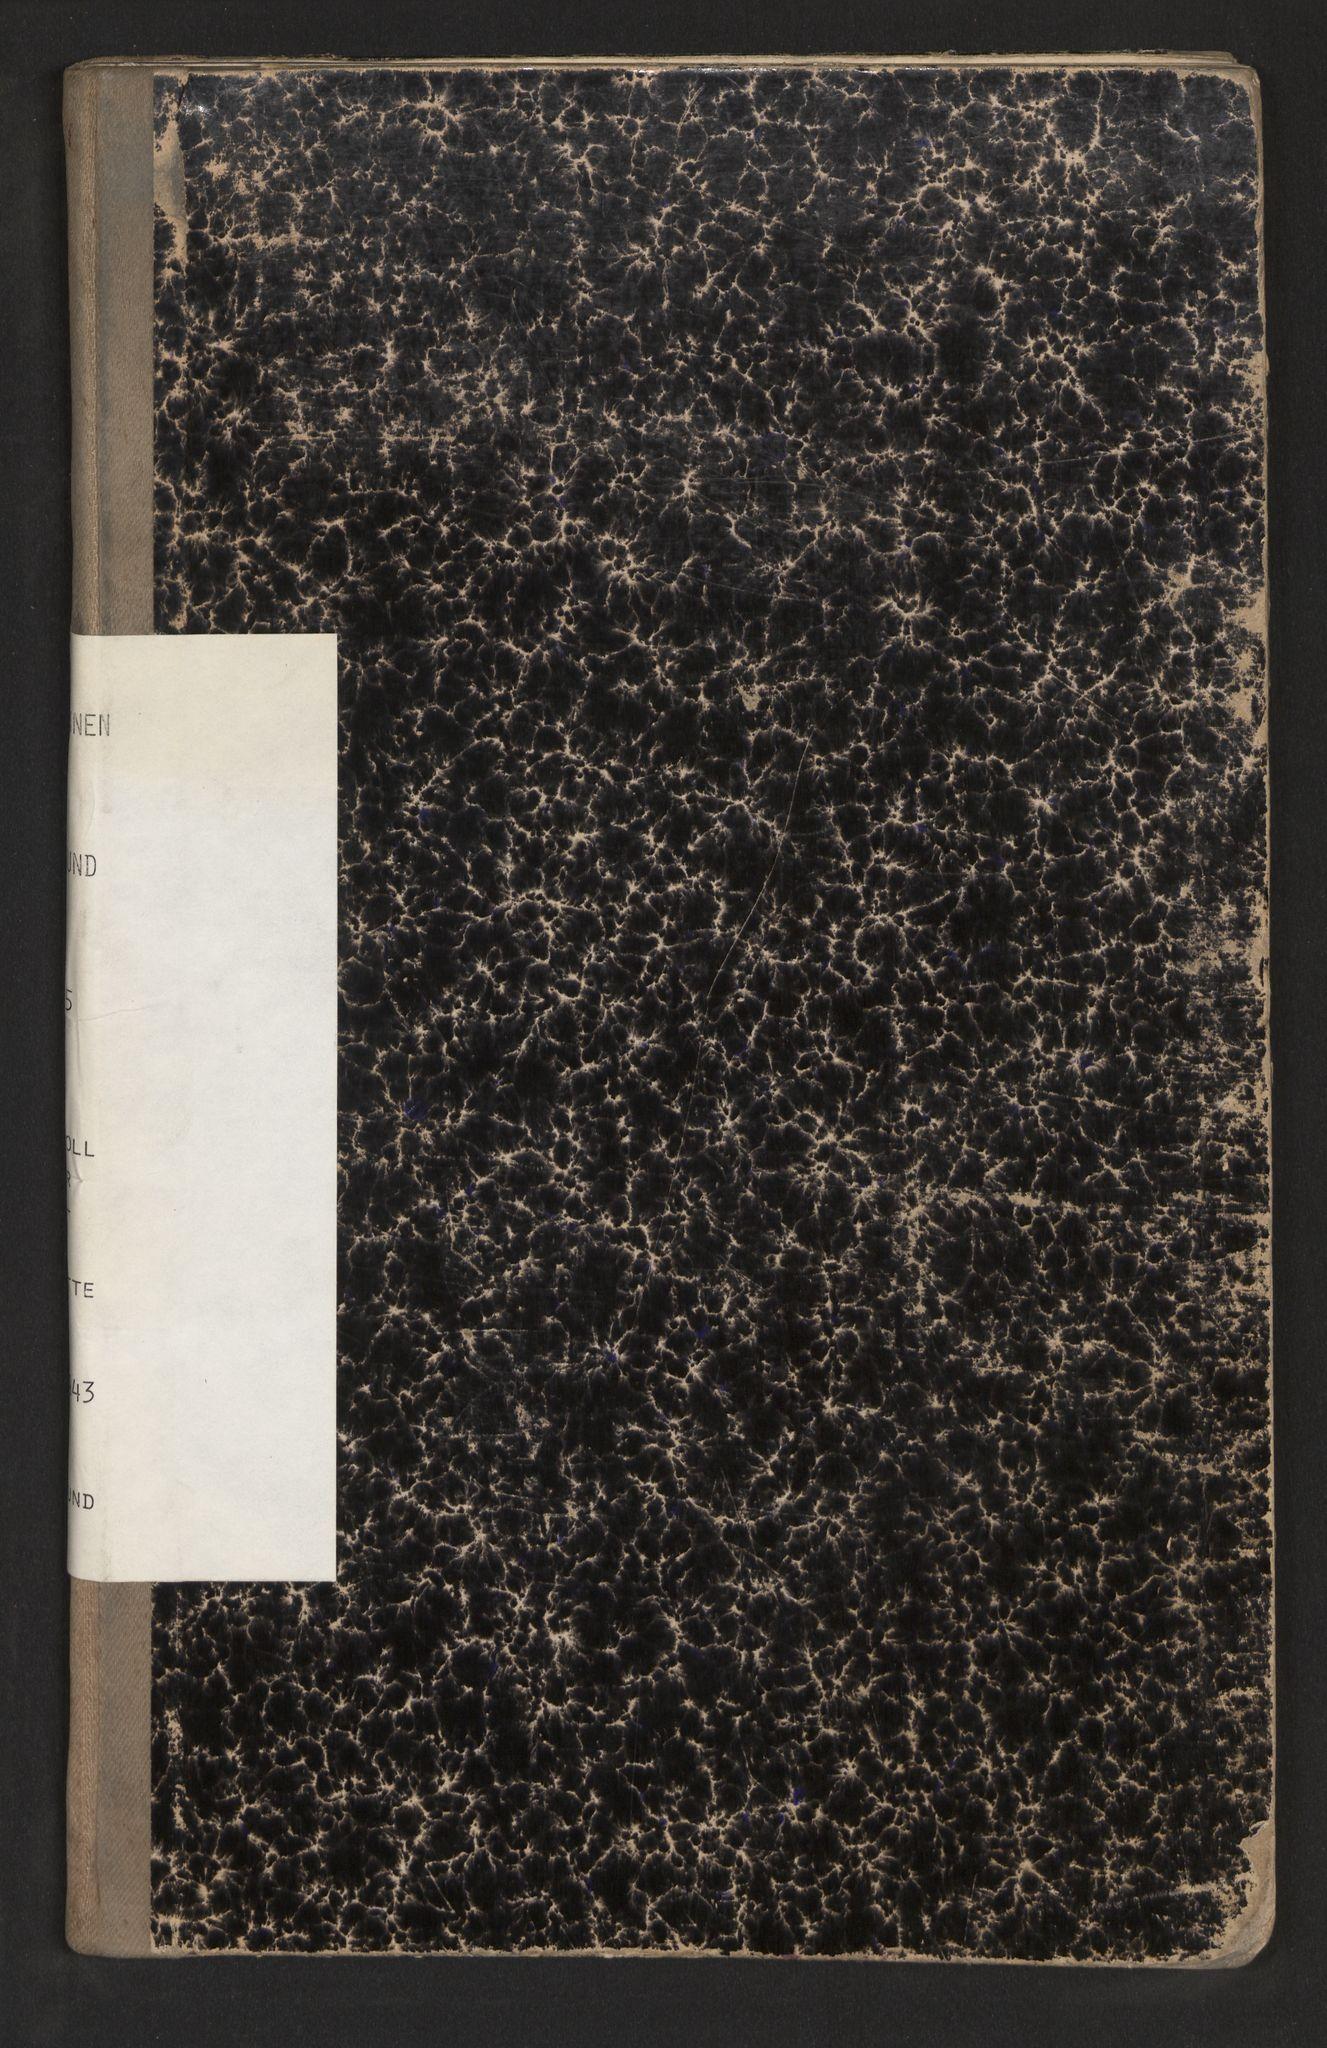 SAB, Lensmannen i Alversund, 0020/L0005: Protokoll over inn- og utflytte, Alversund, 1934-1943